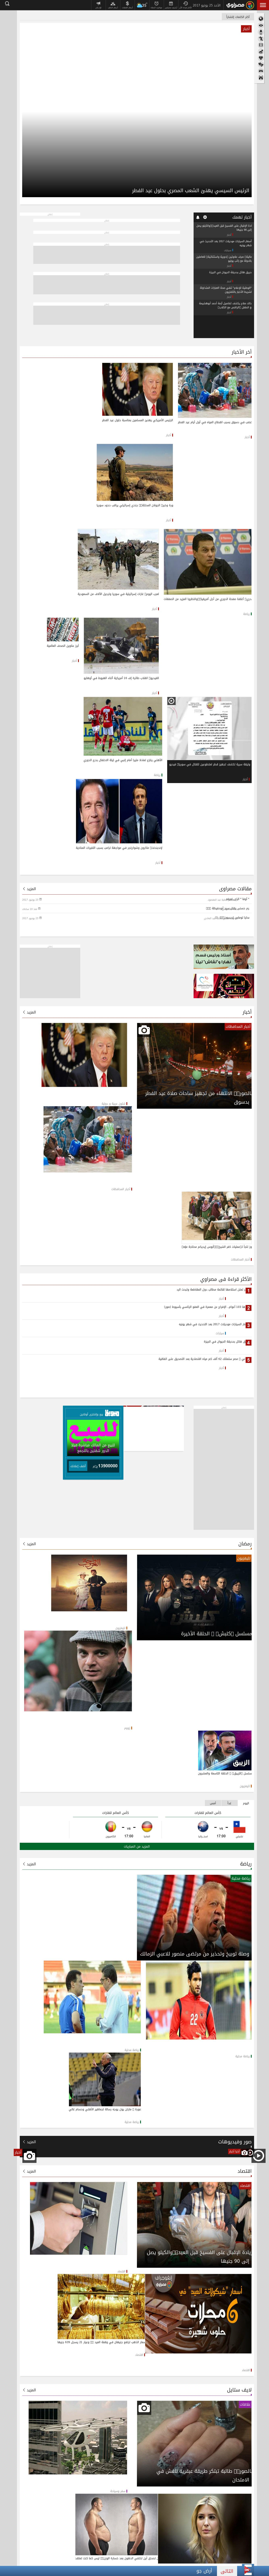 Masrawy at Sunday June 25, 2017, 3:09 a.m. UTC